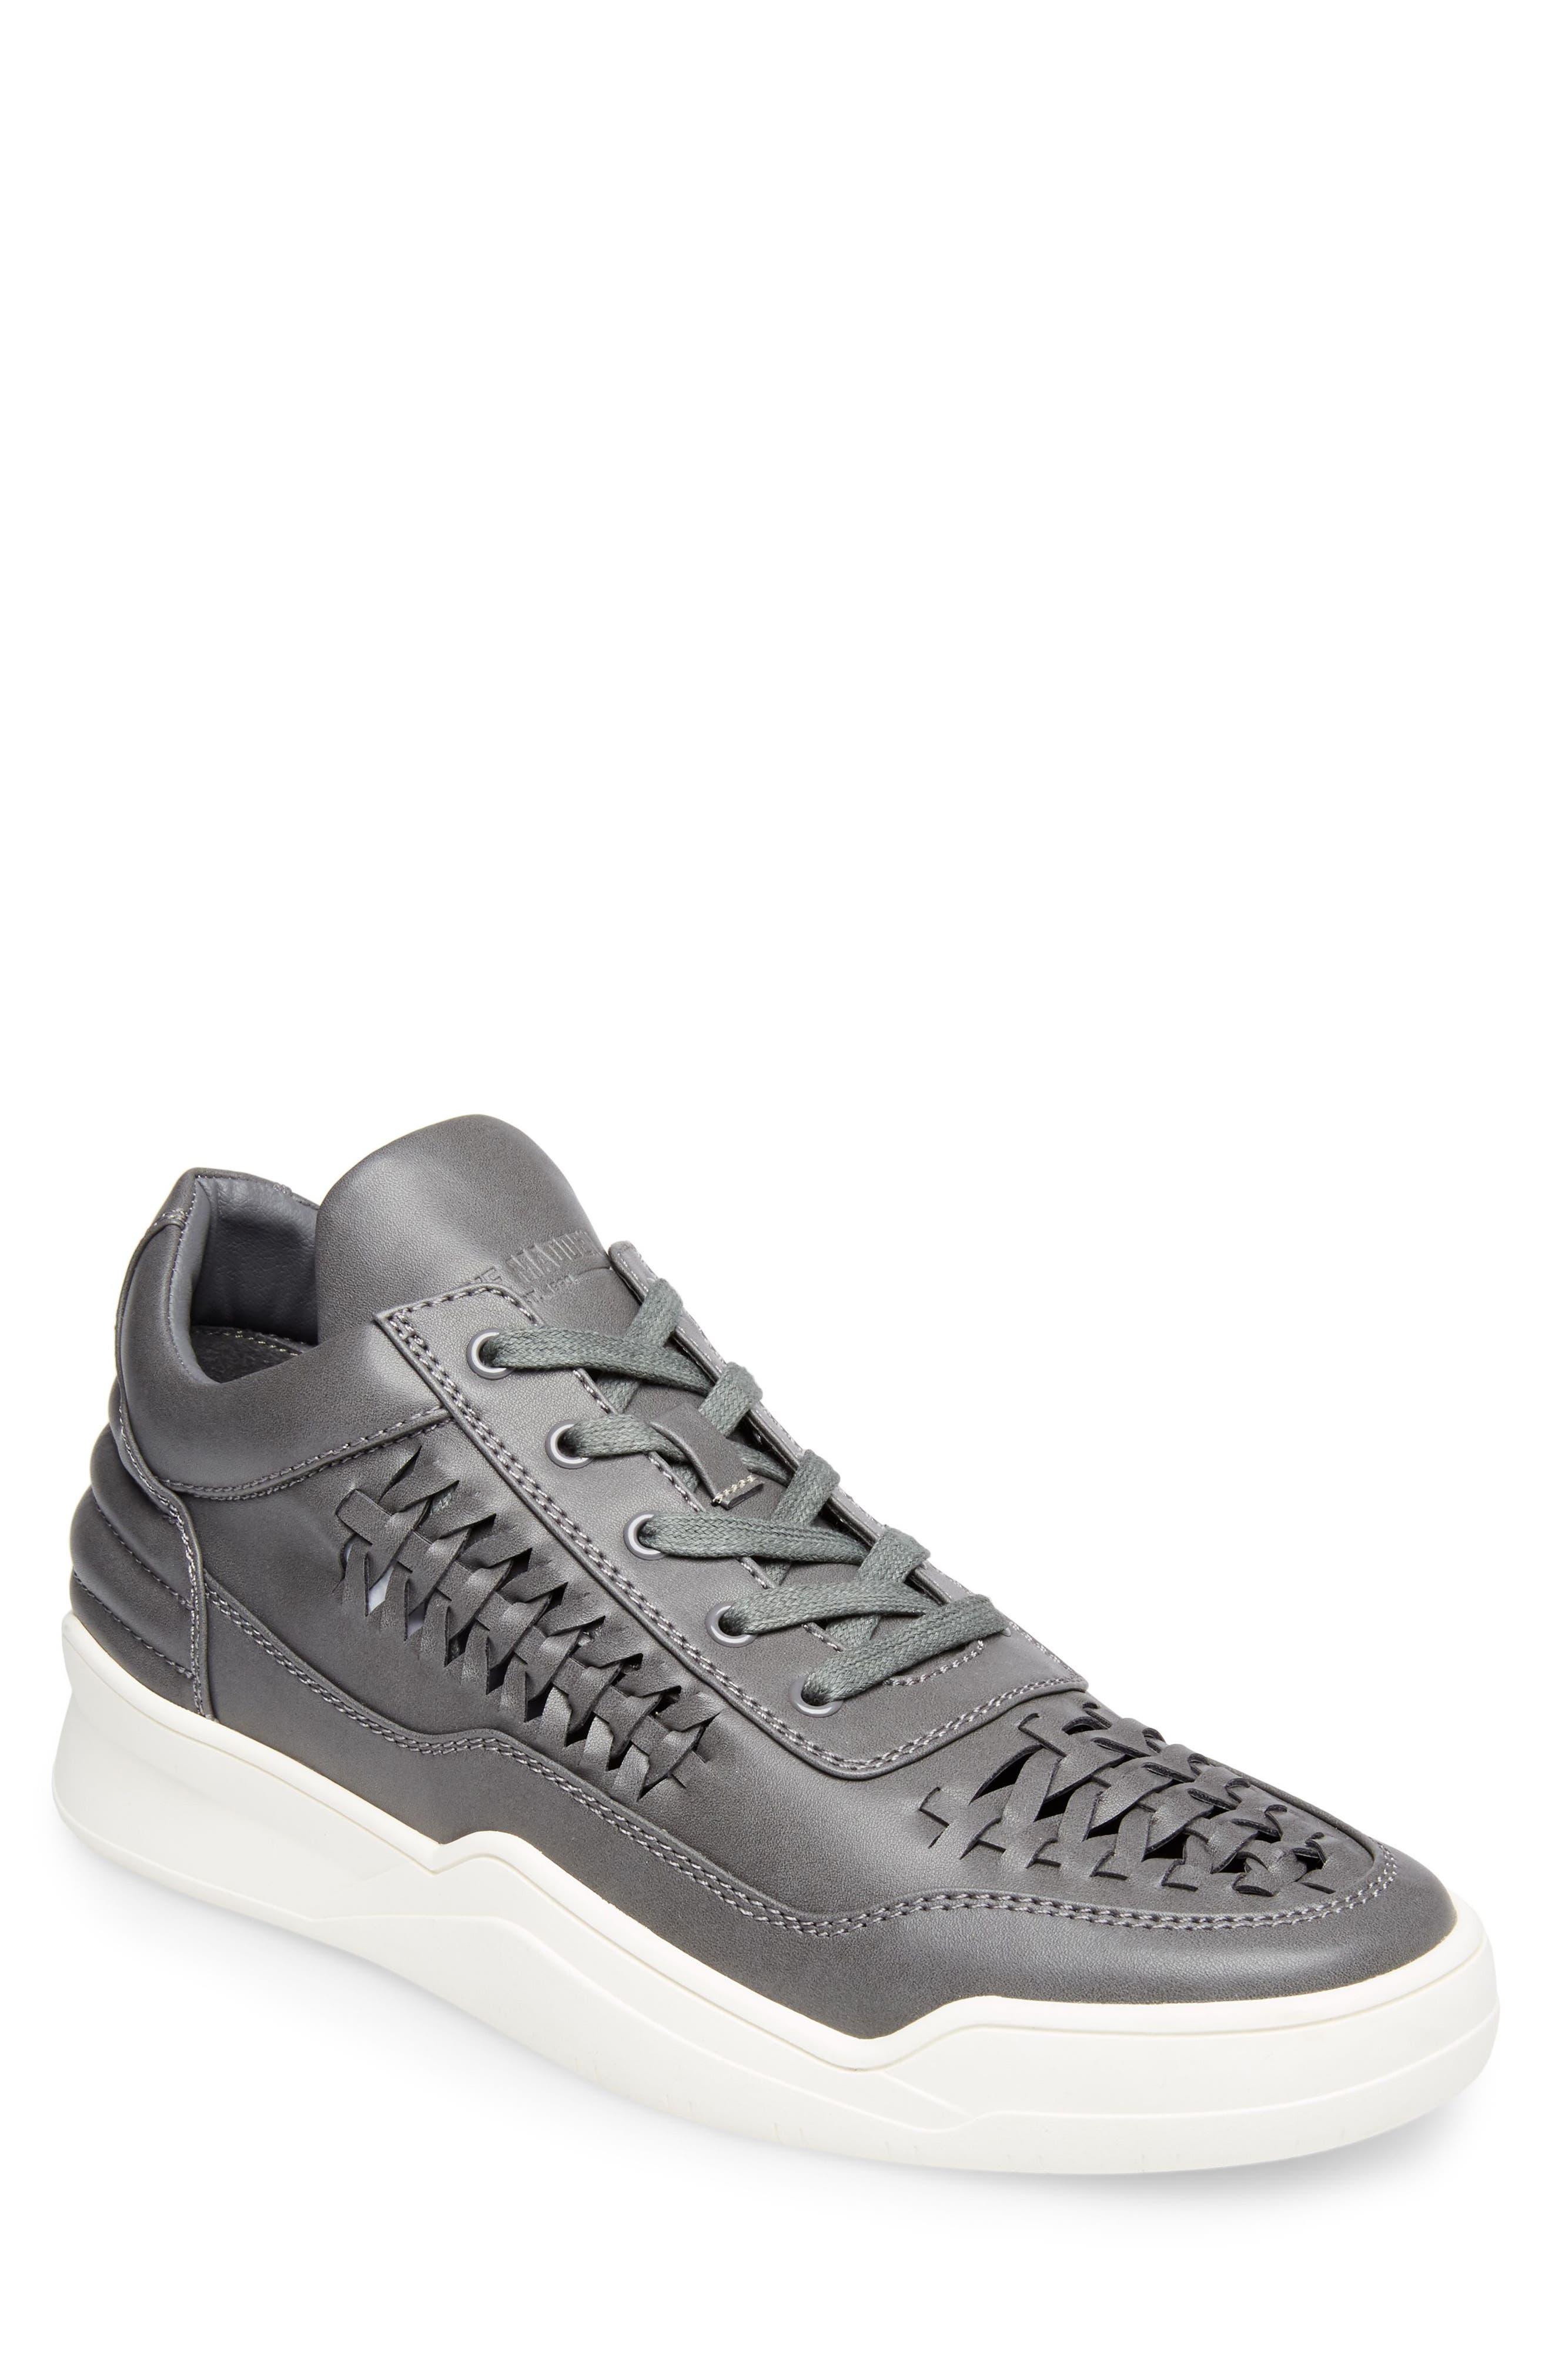 Steve Madden Valor Sneaker (Men)